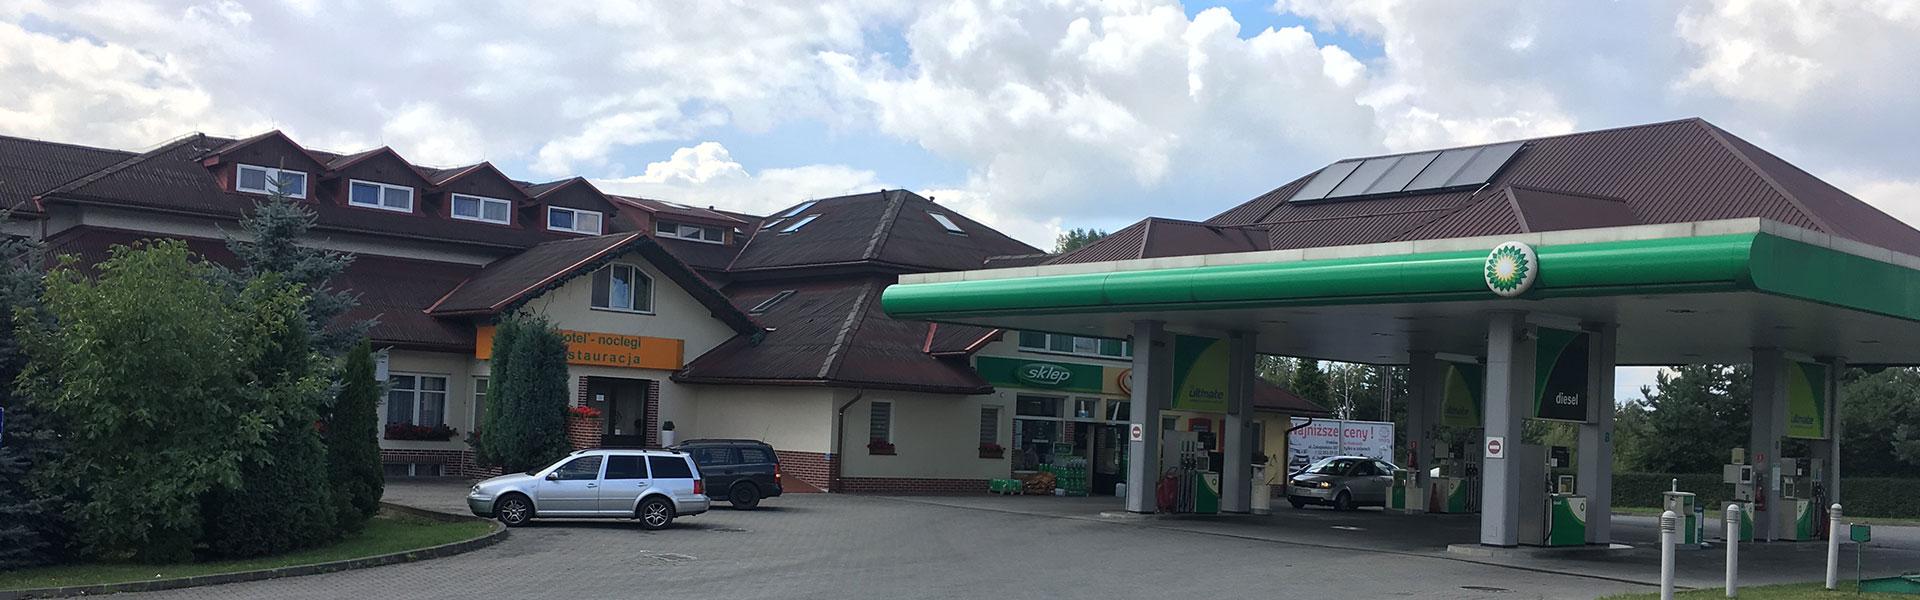 lech motel restauracja